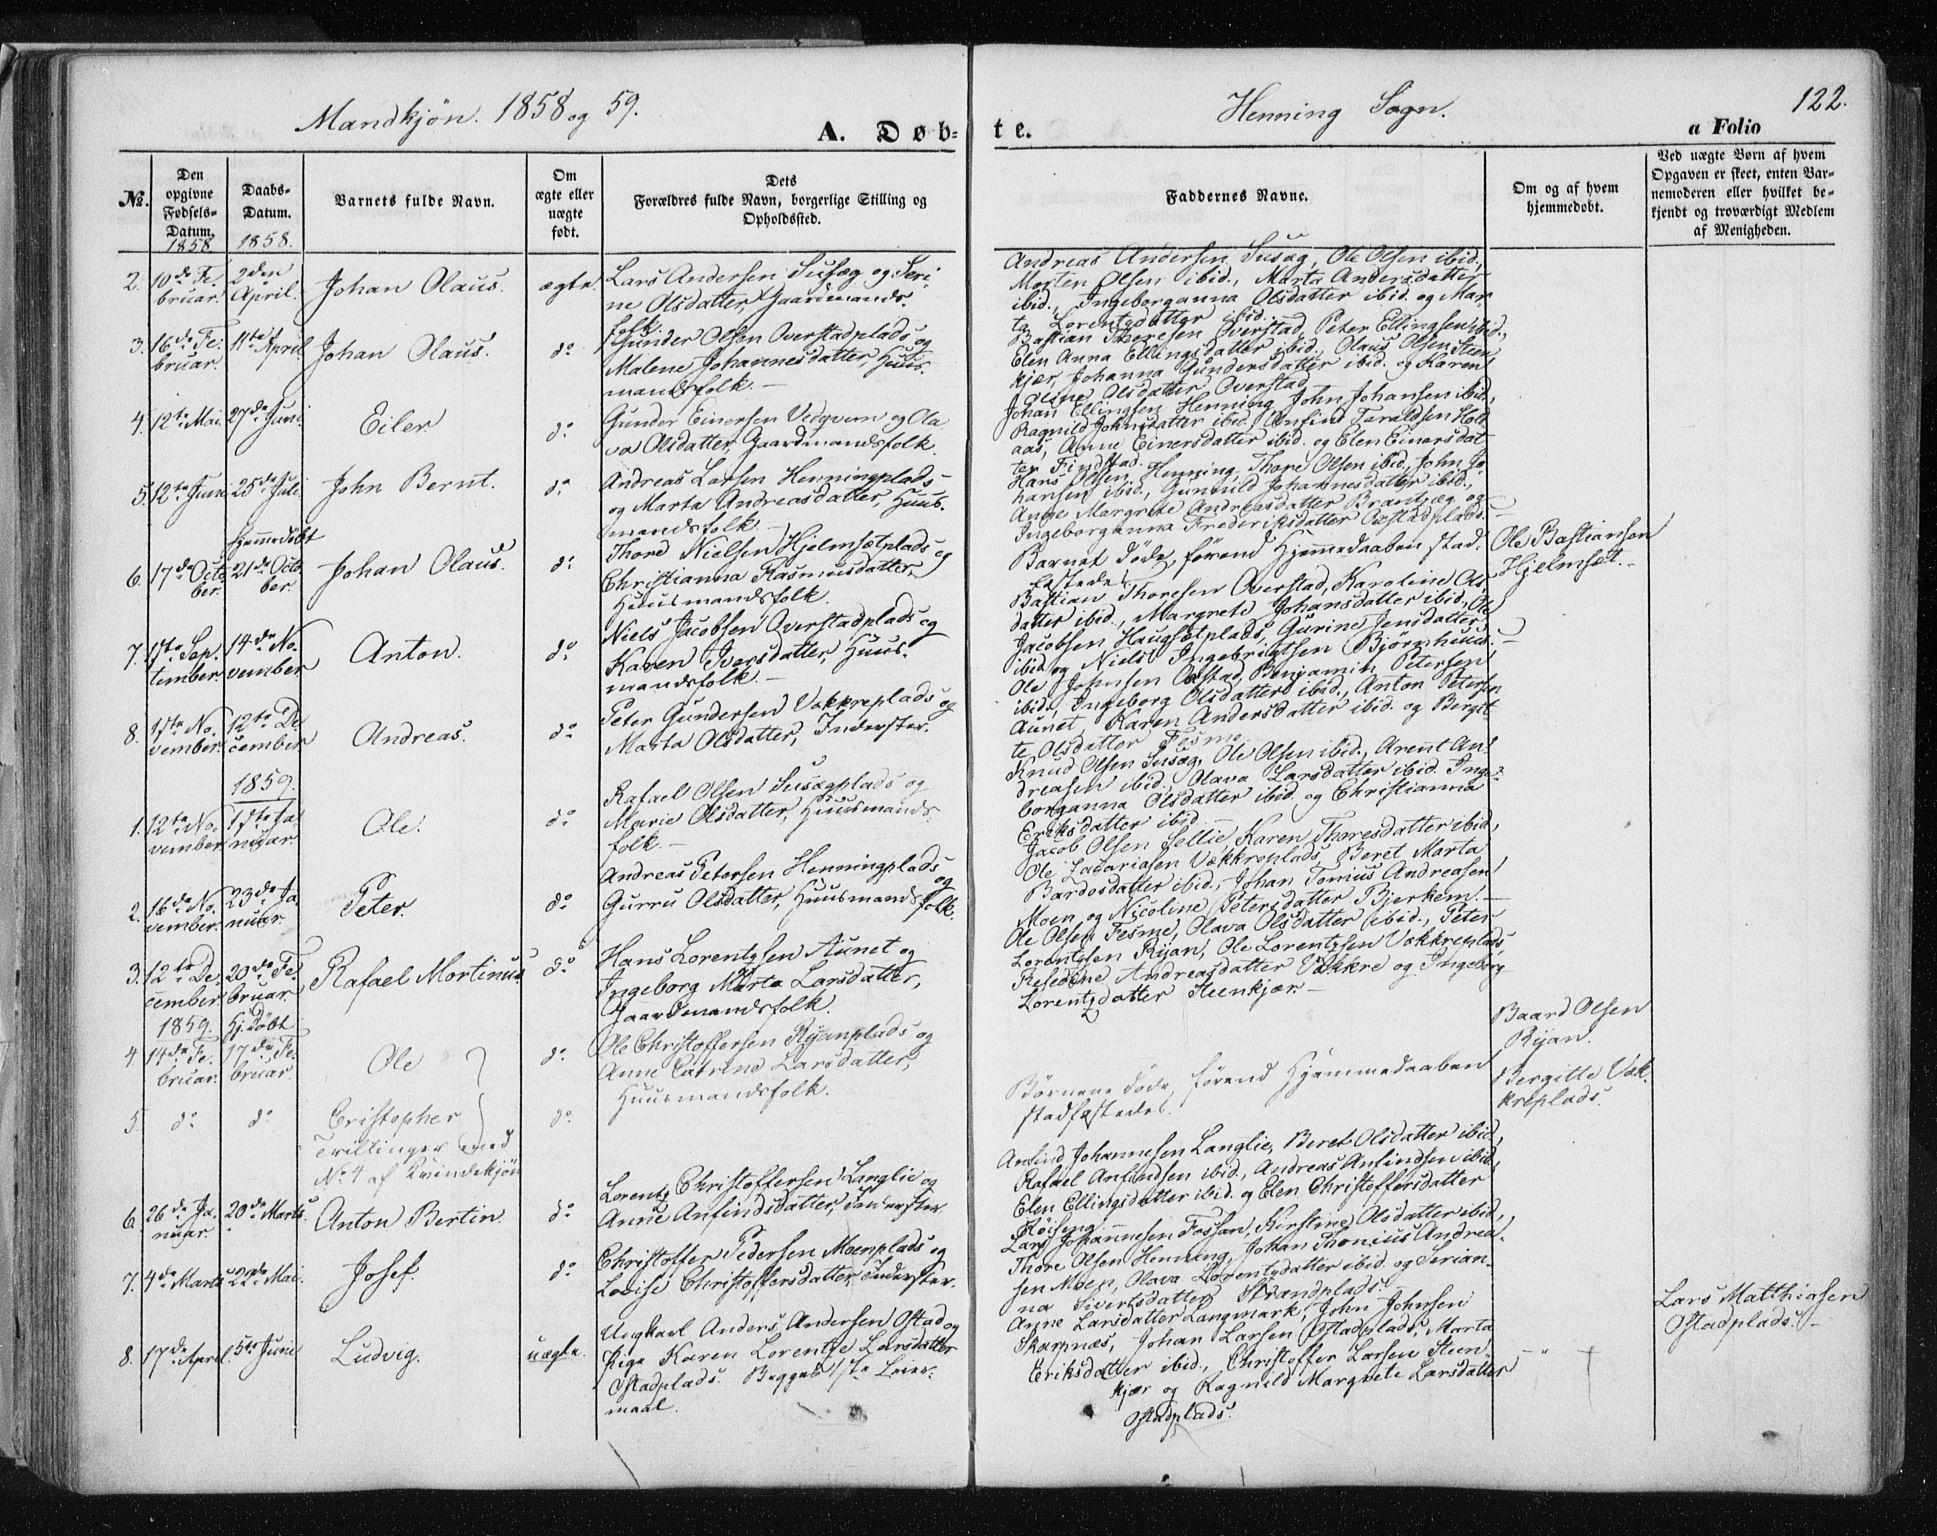 SAT, Ministerialprotokoller, klokkerbøker og fødselsregistre - Nord-Trøndelag, 735/L0342: Ministerialbok nr. 735A07 /3, 1849-1862, s. 122